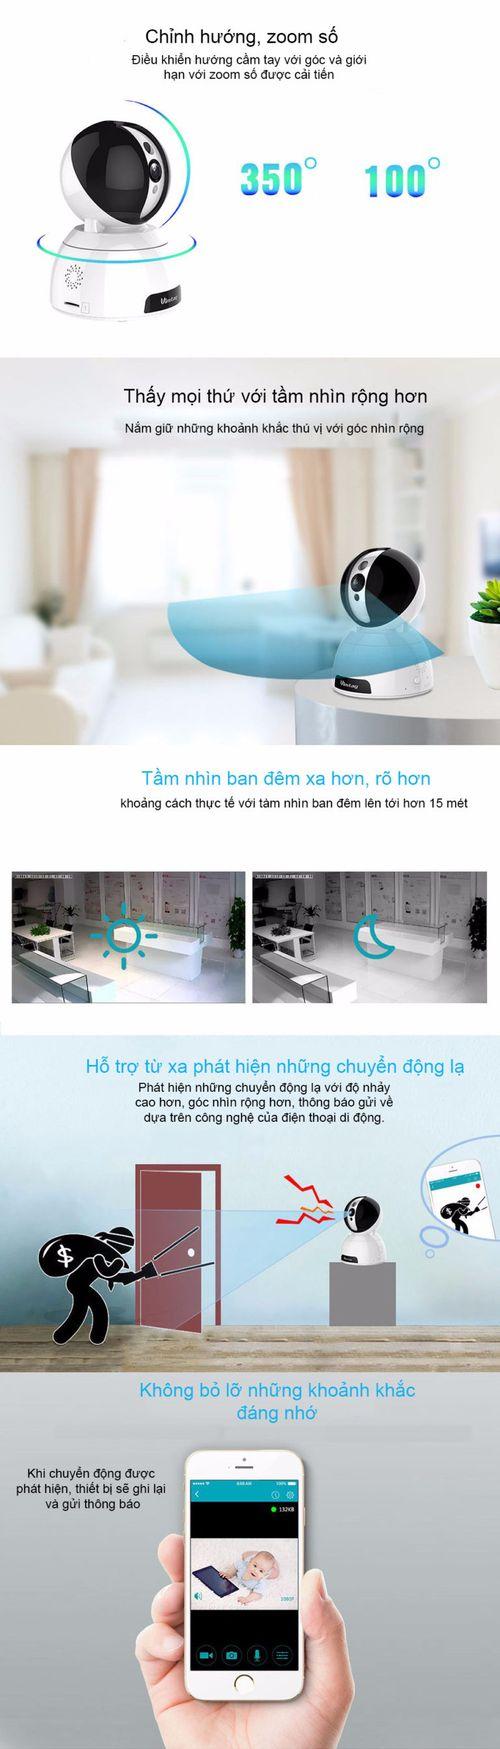 Camera IP 360 độ Vimtag CP2X - FullHD 1080 chuẩn IRCUT bù trừ ánh sáng